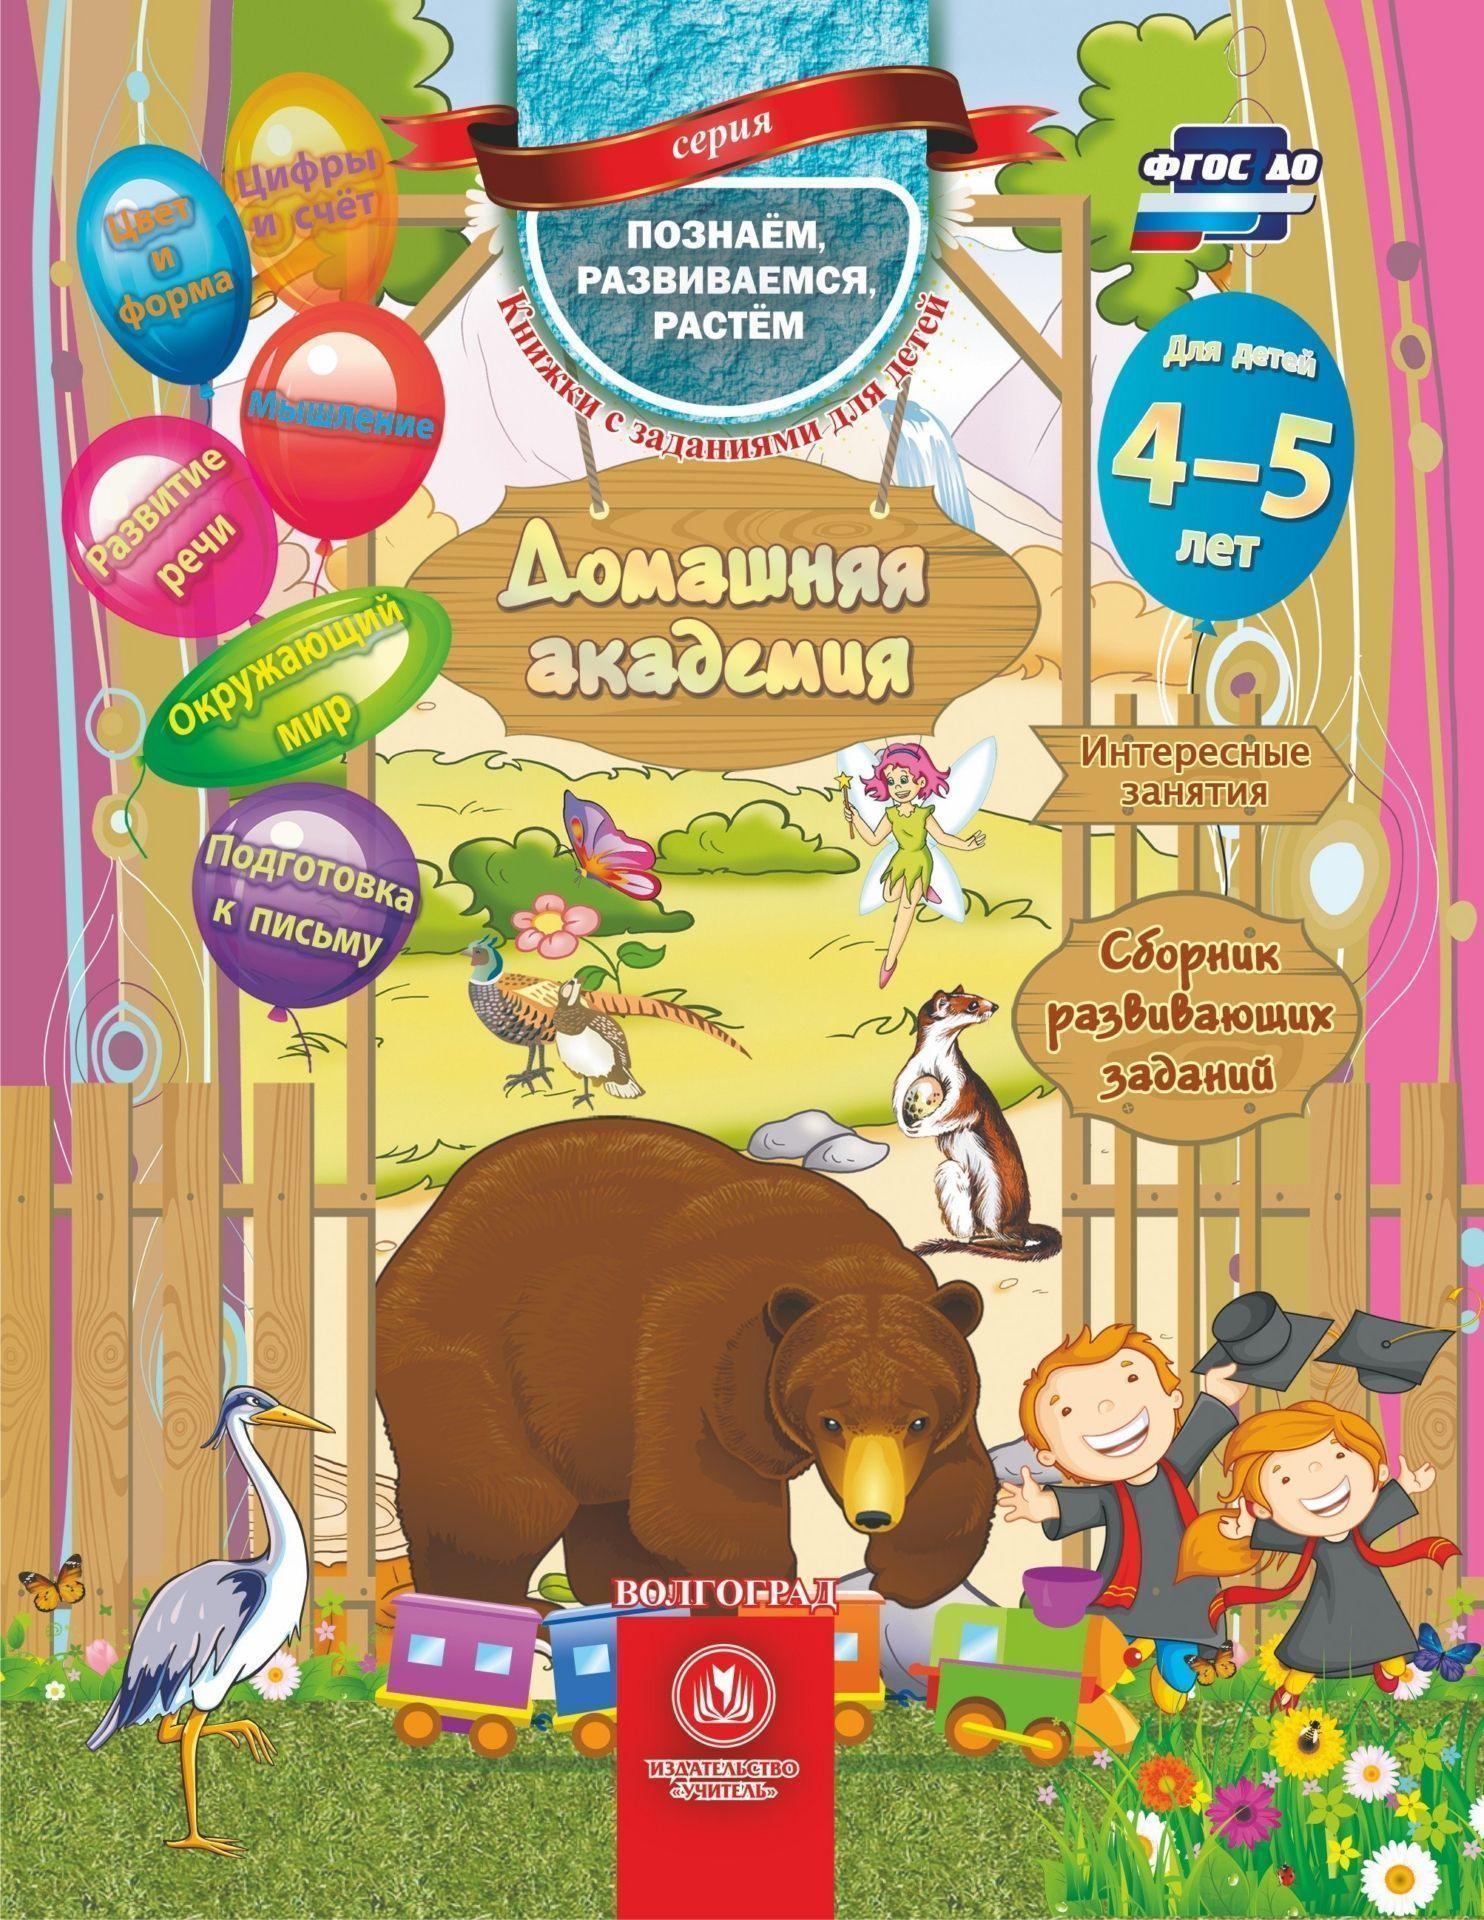 Евгения Ищук Домашняя академия. Сборник развивающих заданий для детей 4-5 лет подарок ребенку на 5 лет